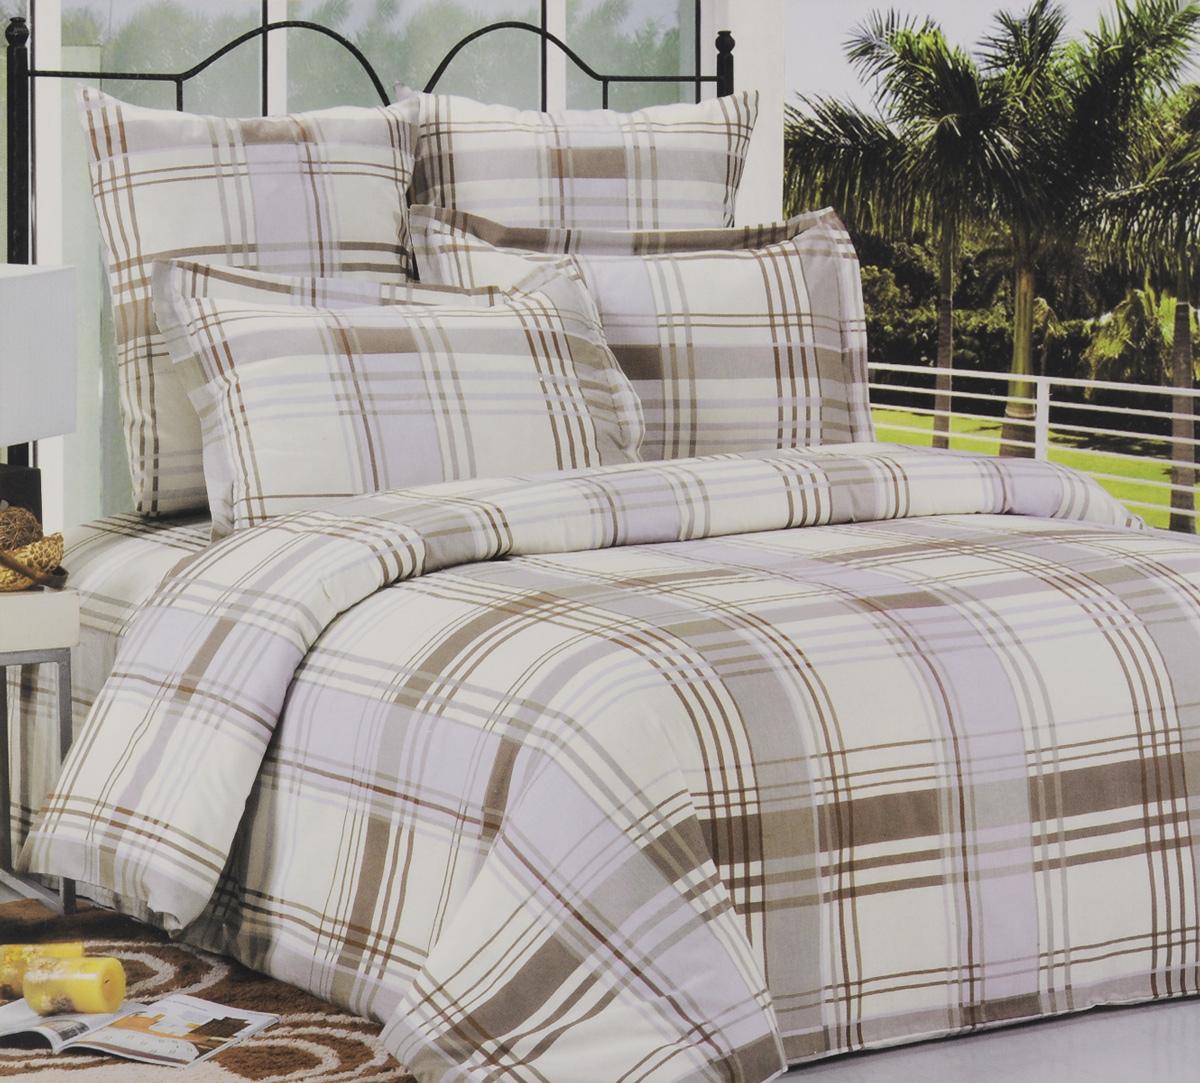 """Комплект белья """"СайлиД"""", 1,5-спальный, наволочки 70х70, цвет: серый, белый"""